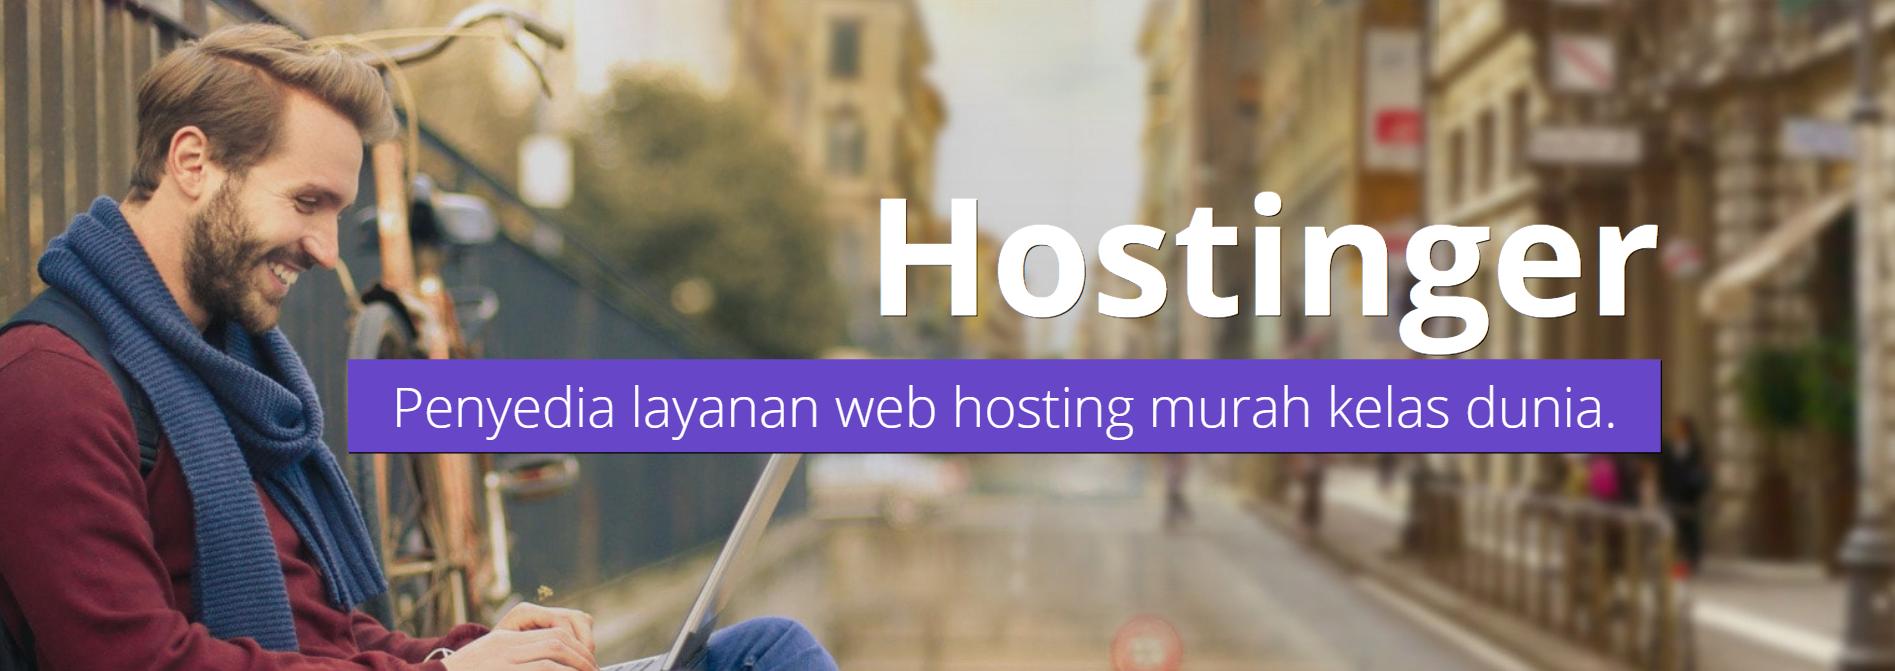 Hostinger,Penyedia Layanan Web Hosting Murah Kelas Dunia